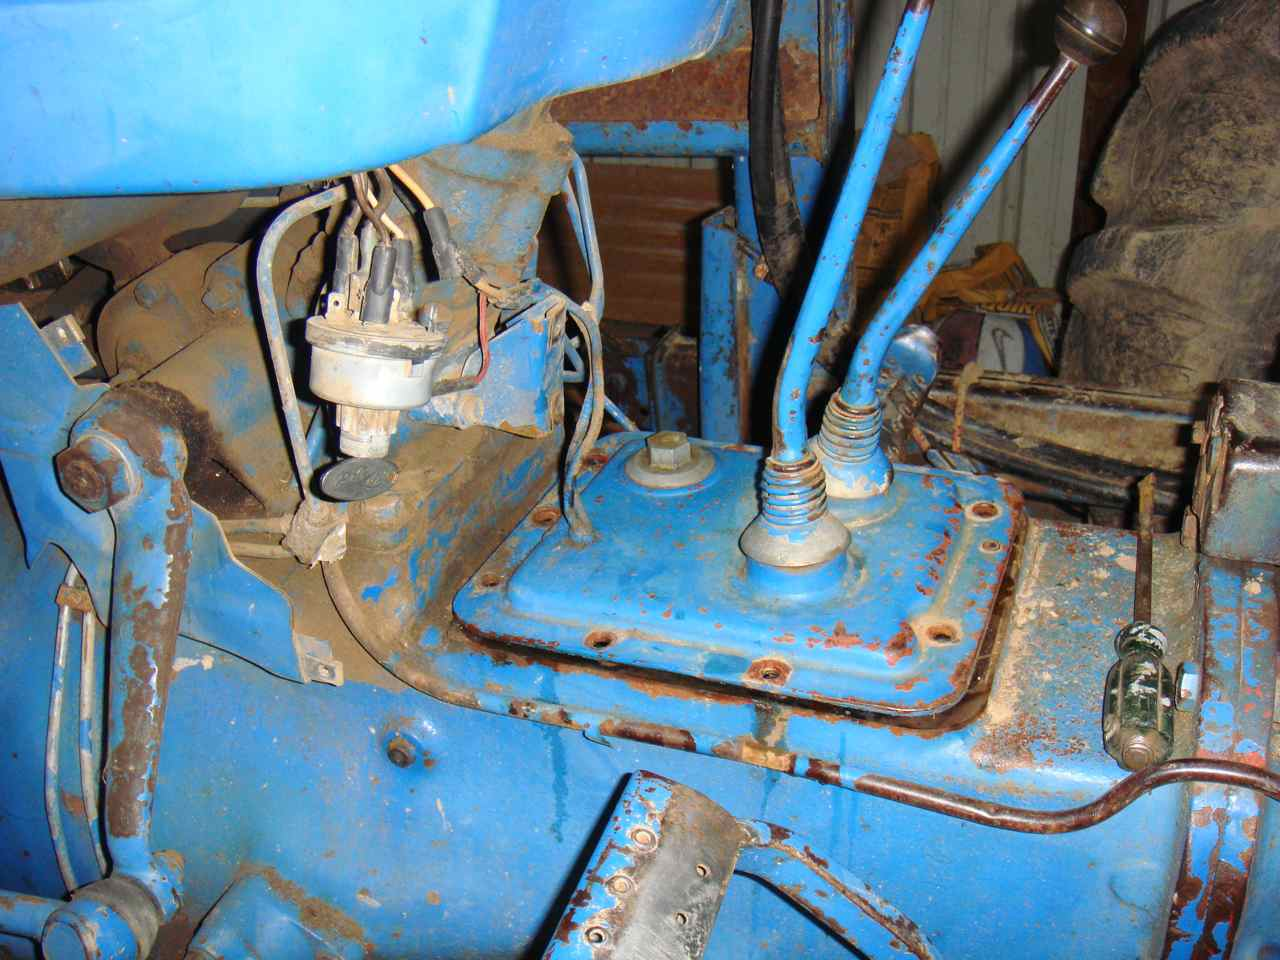 oil & fuel - '73 ford 3000 diesel won't start........help! - tractorbynet  tractorbynet